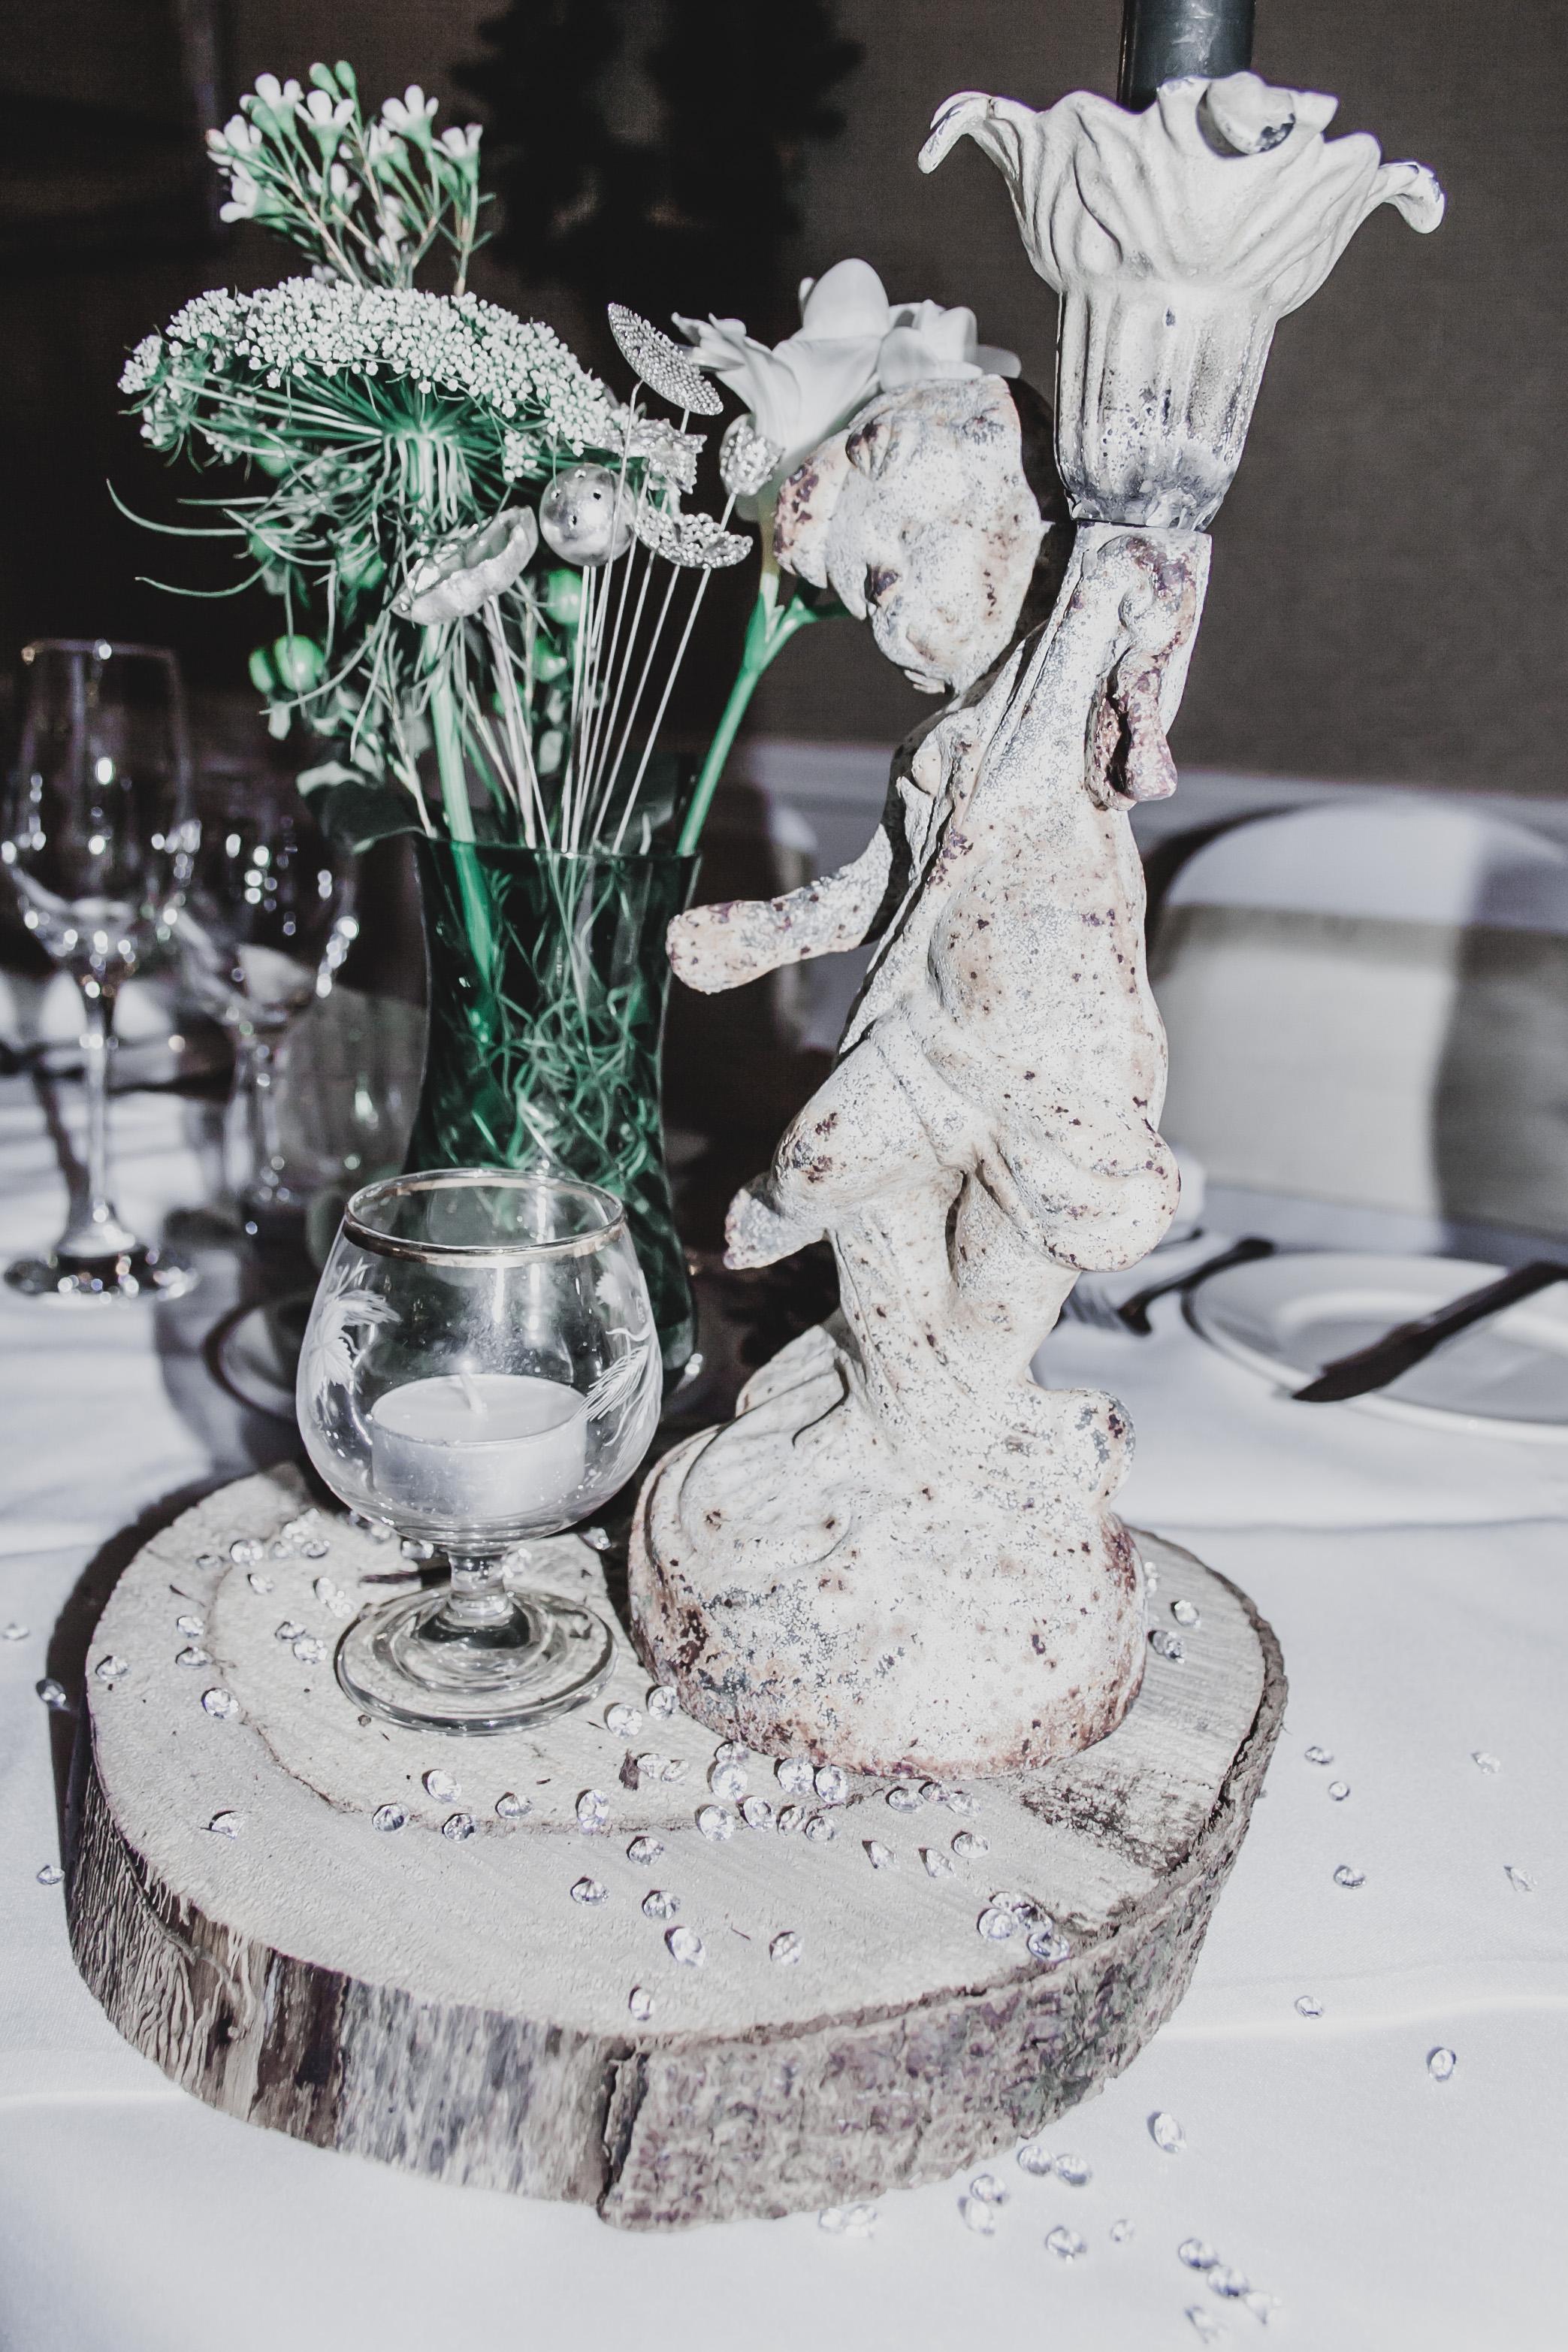 200 - Angela and Karls Wedding by www.markpugh.com -2232.jpg